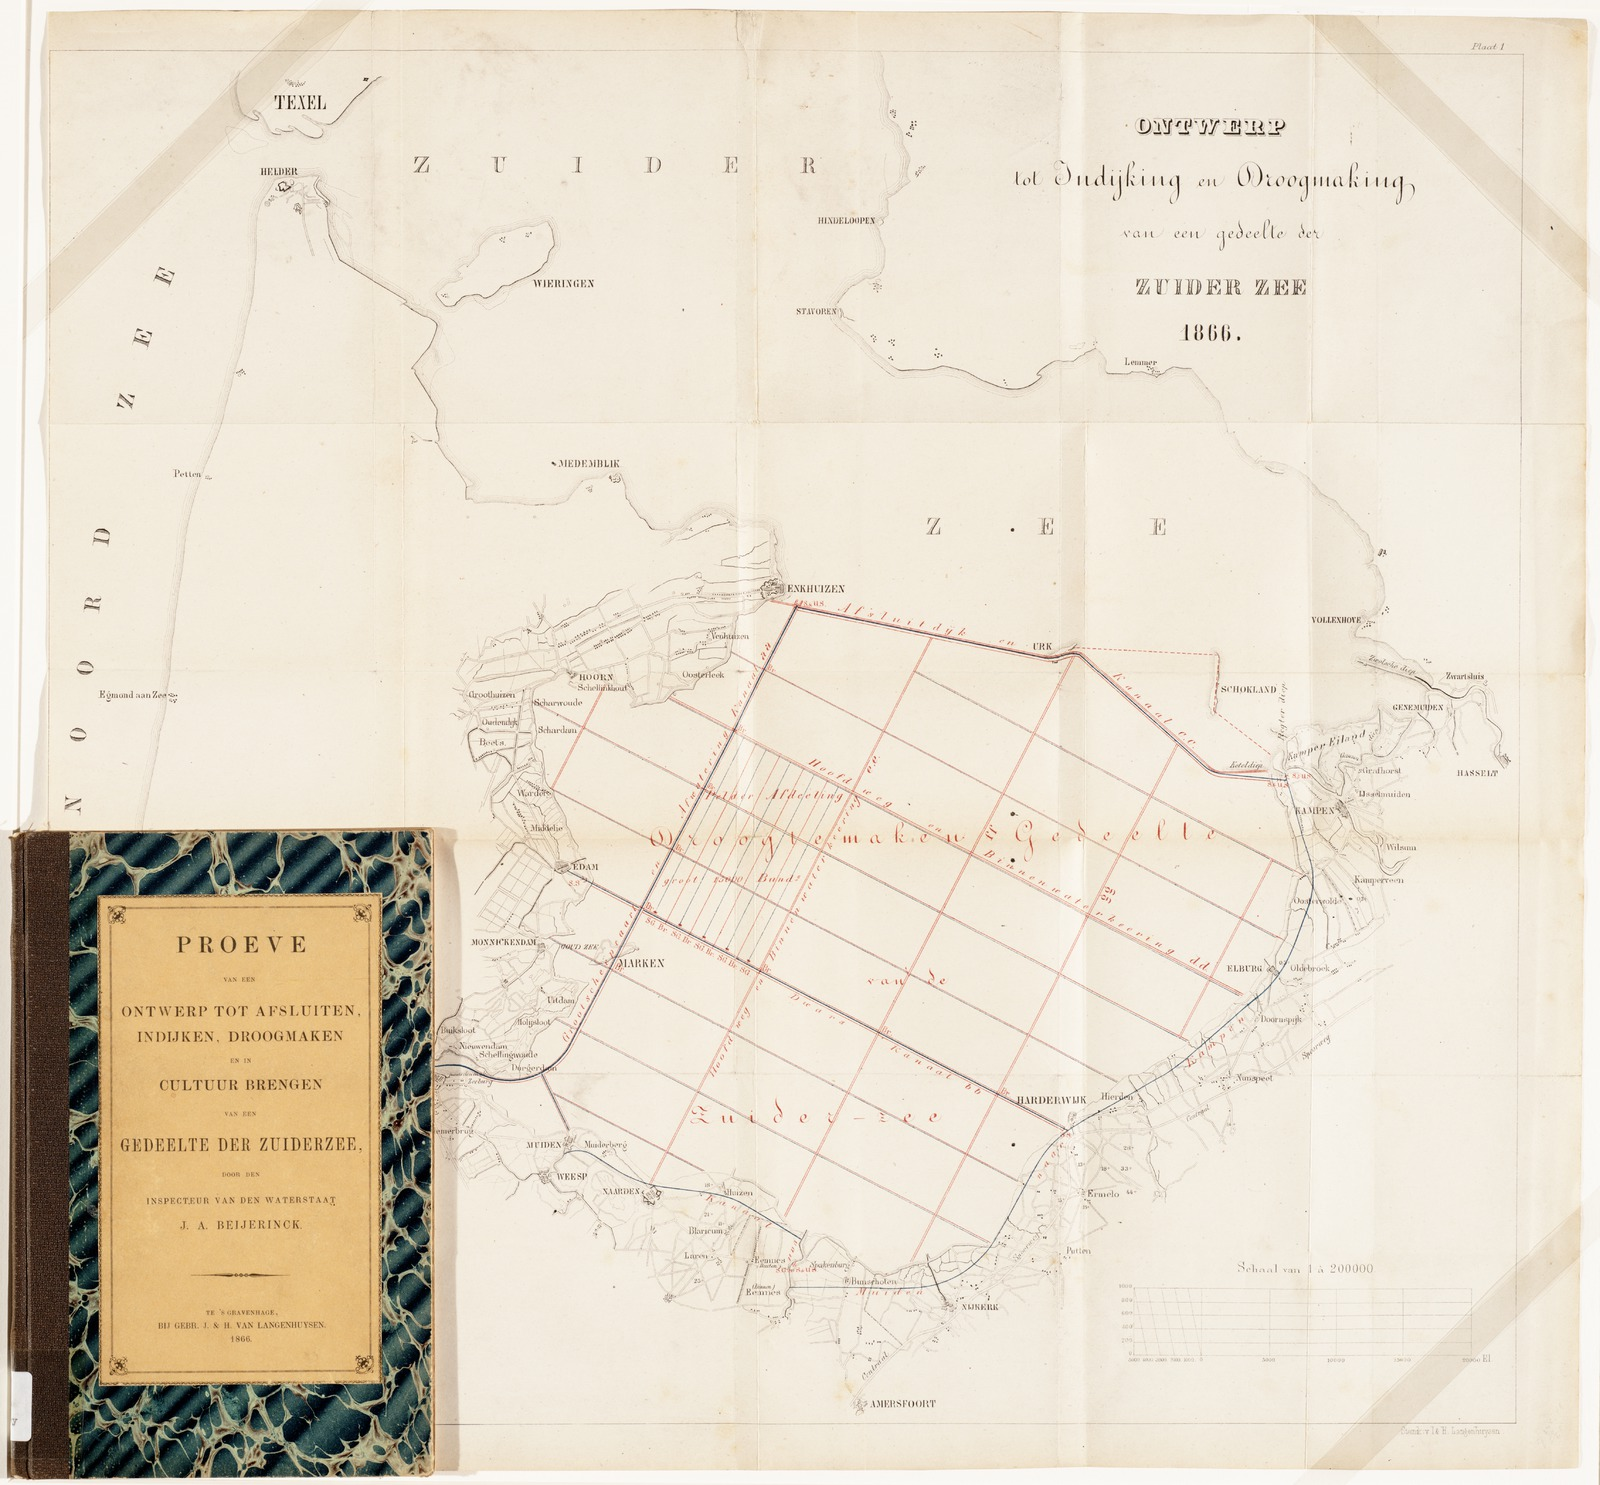 Een ontwerp tot afsluiten, indijken, droogmaken en in cultuur brengen van een gedeelte van de Zuiderzee, brochure